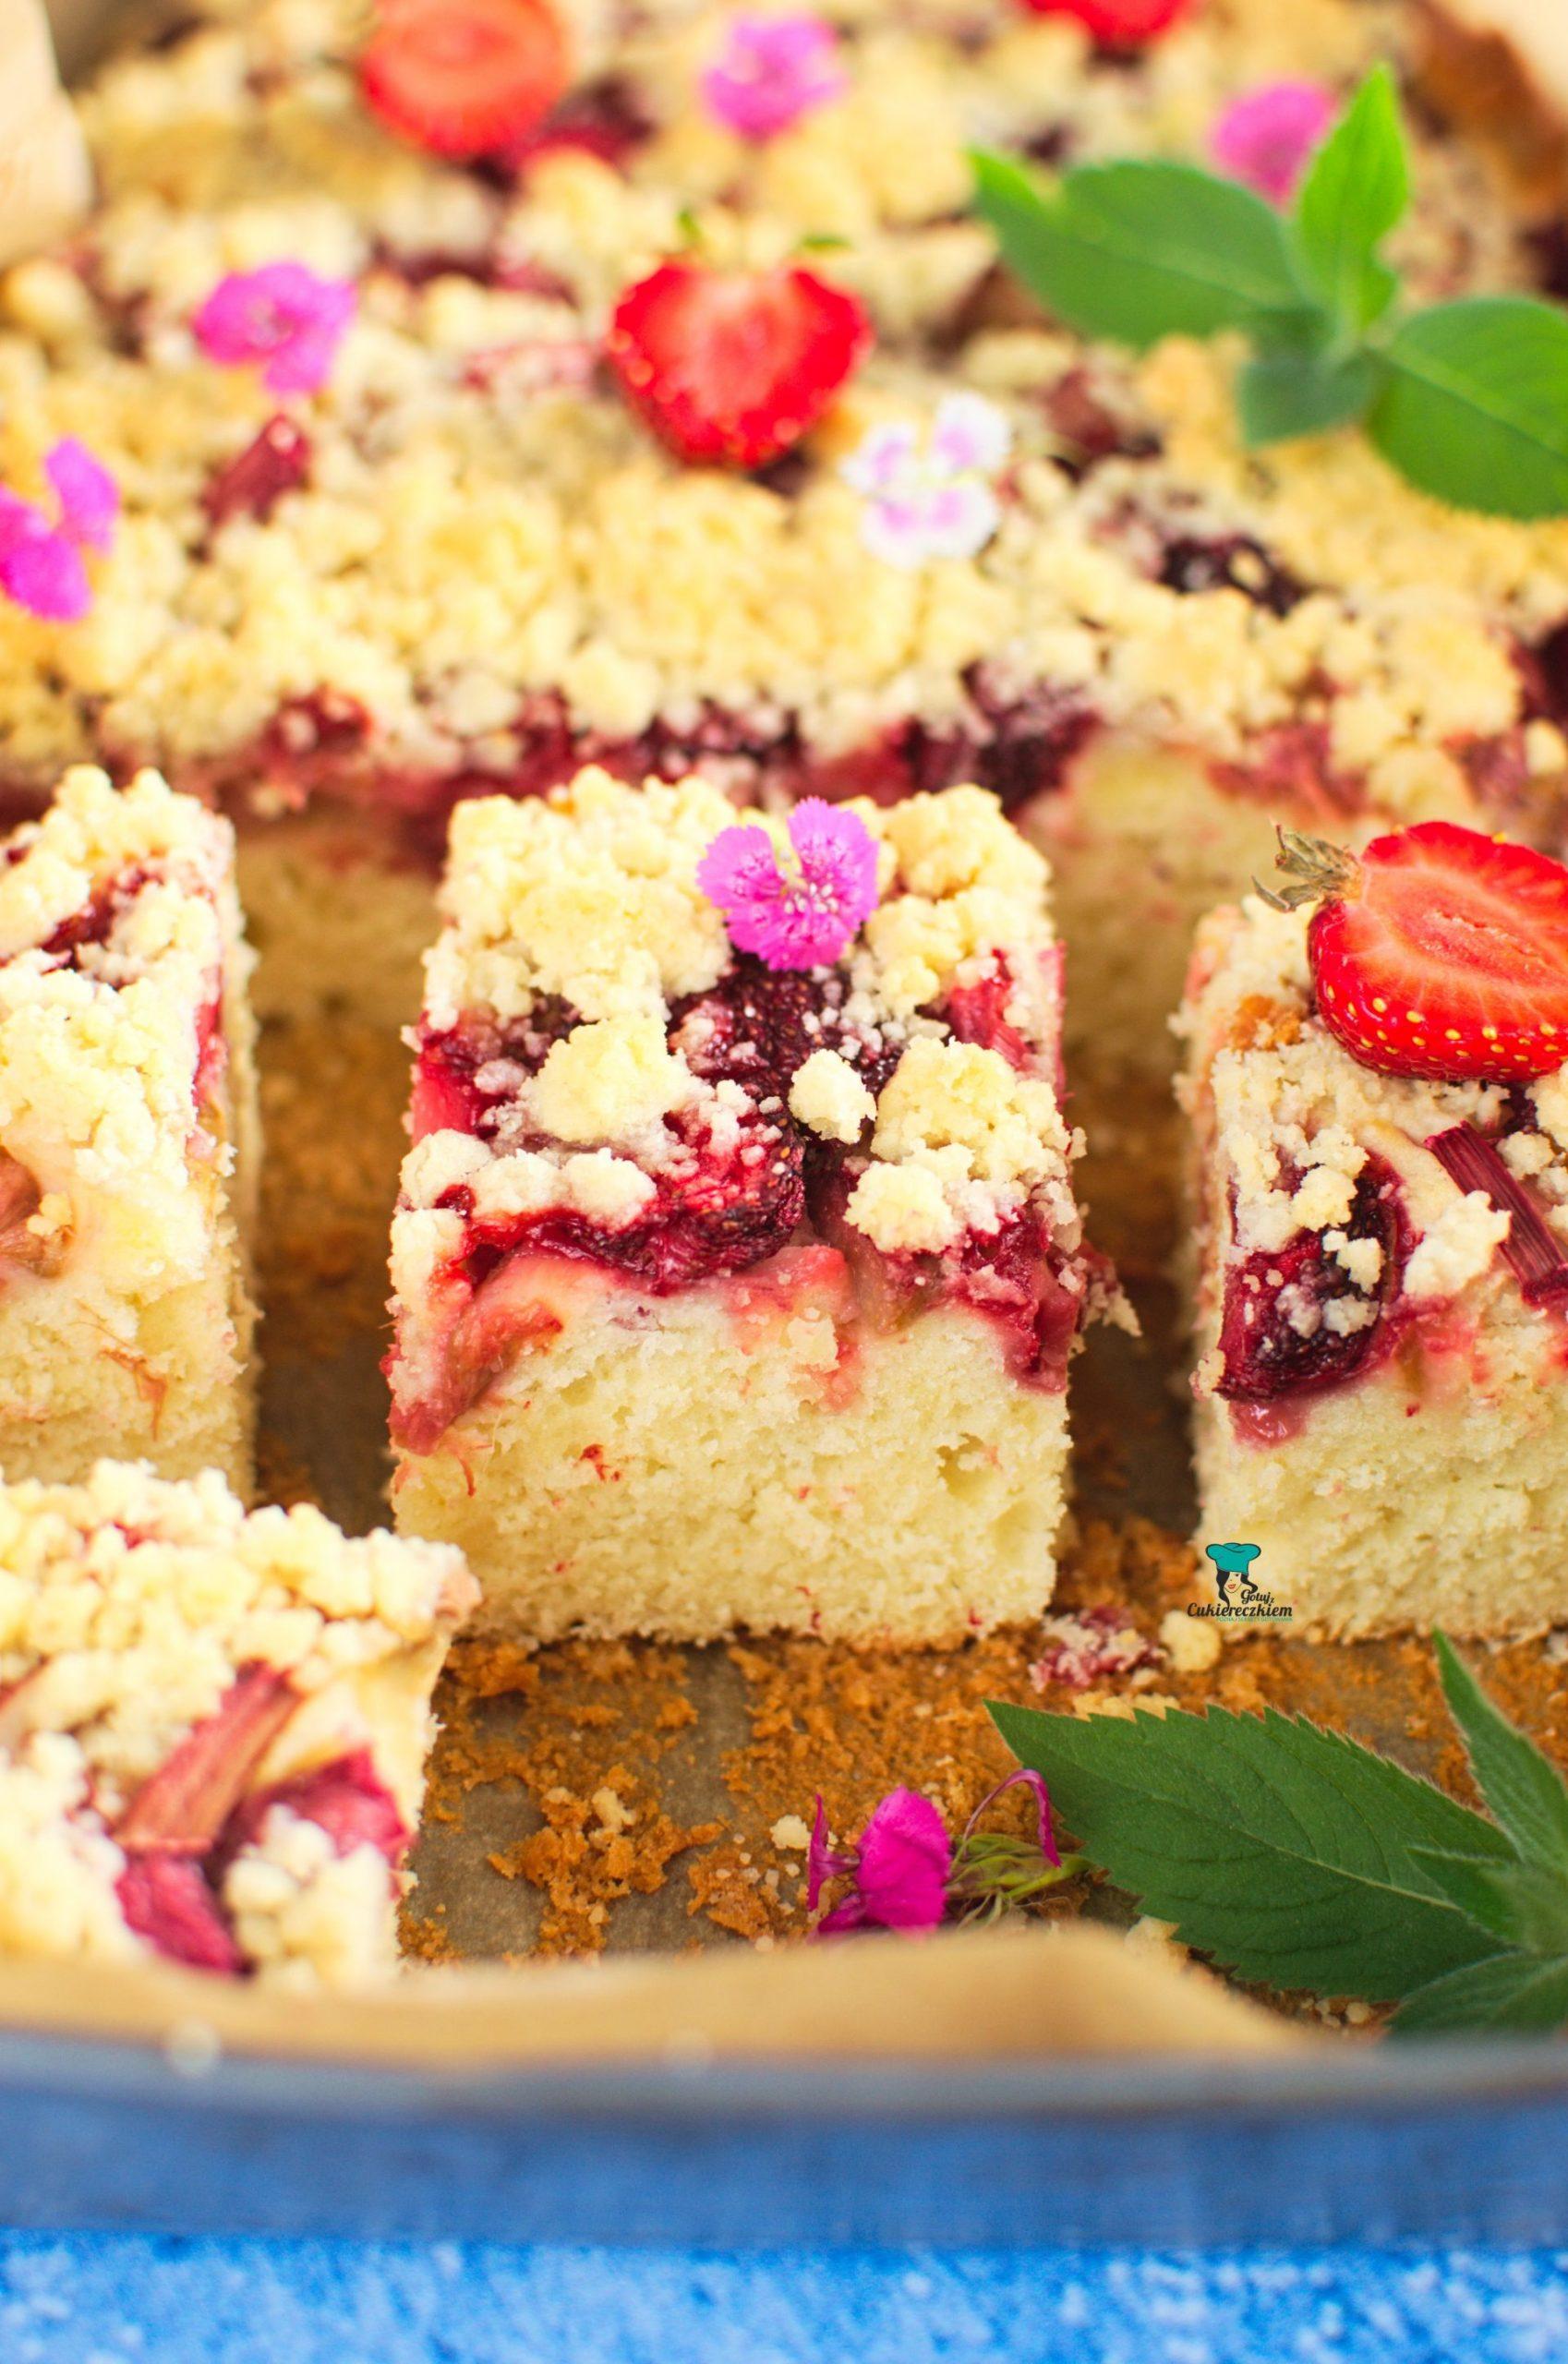 Maślankowe ciasto z rabarbarem i truskawkami